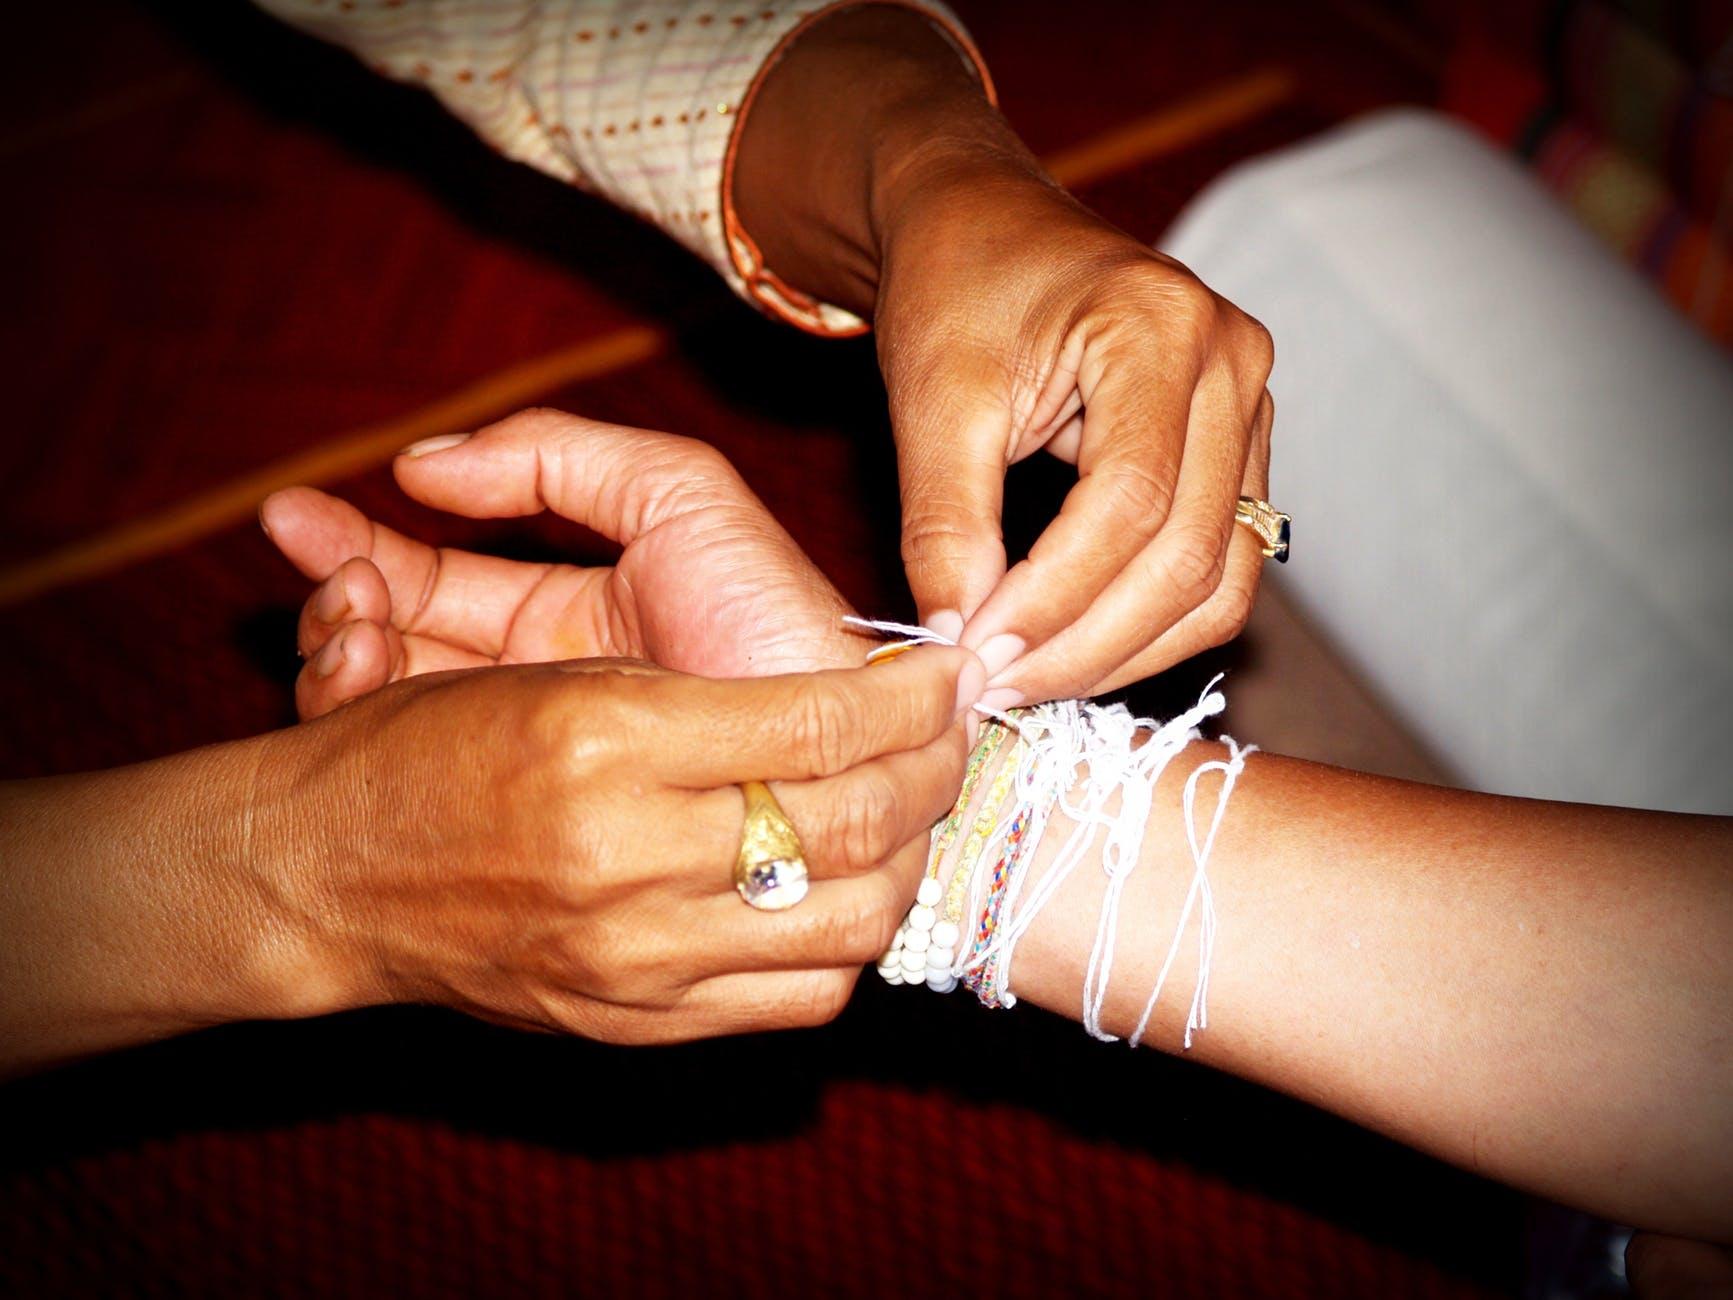 adult bracelets colors fingers